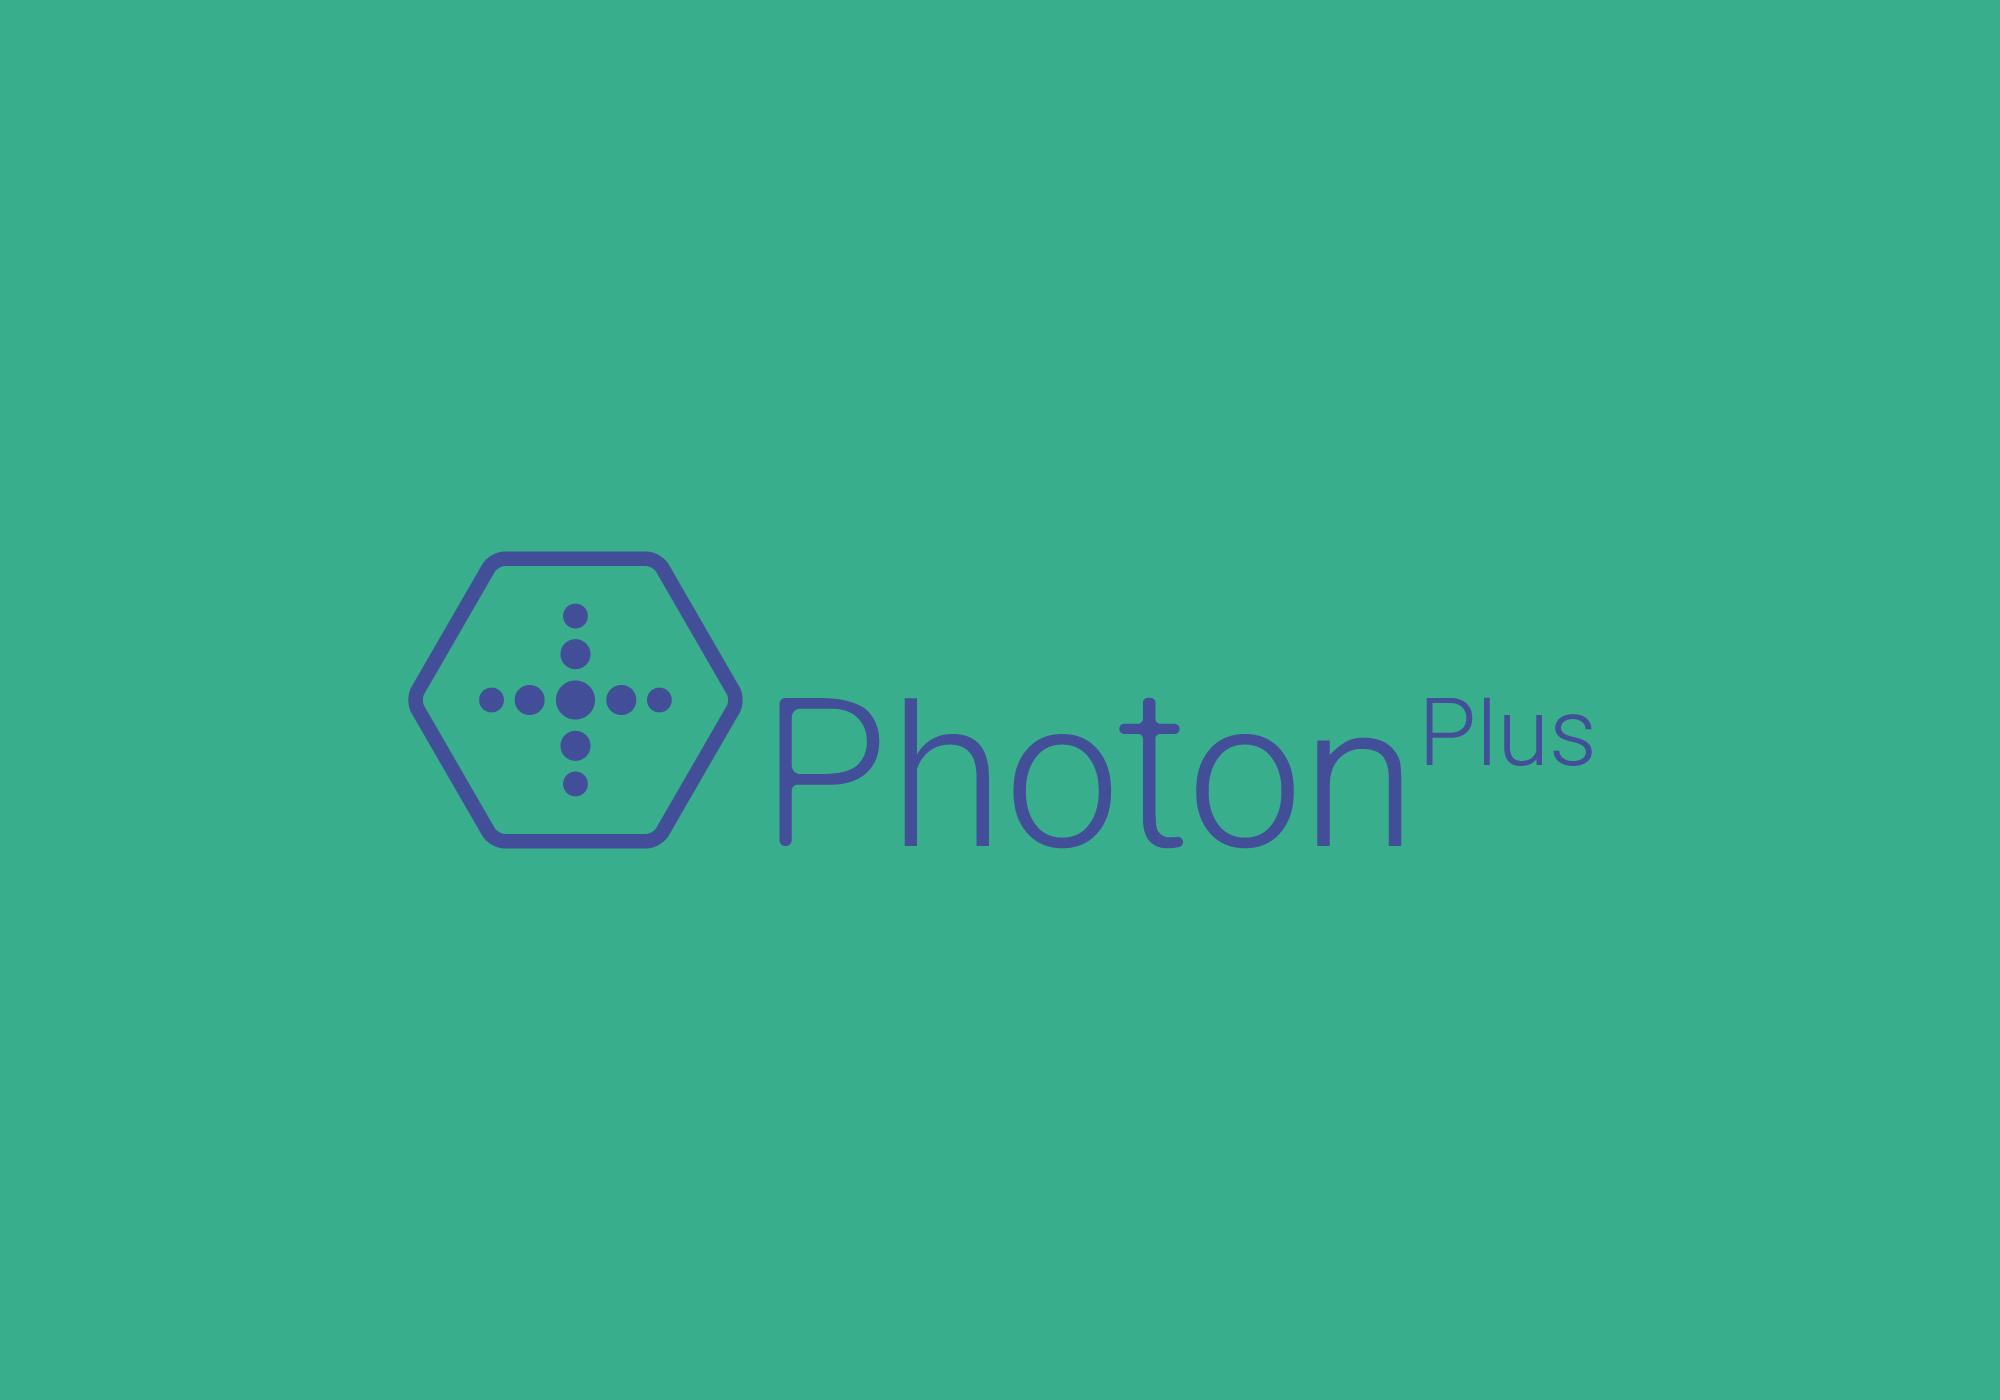 photonplus-08